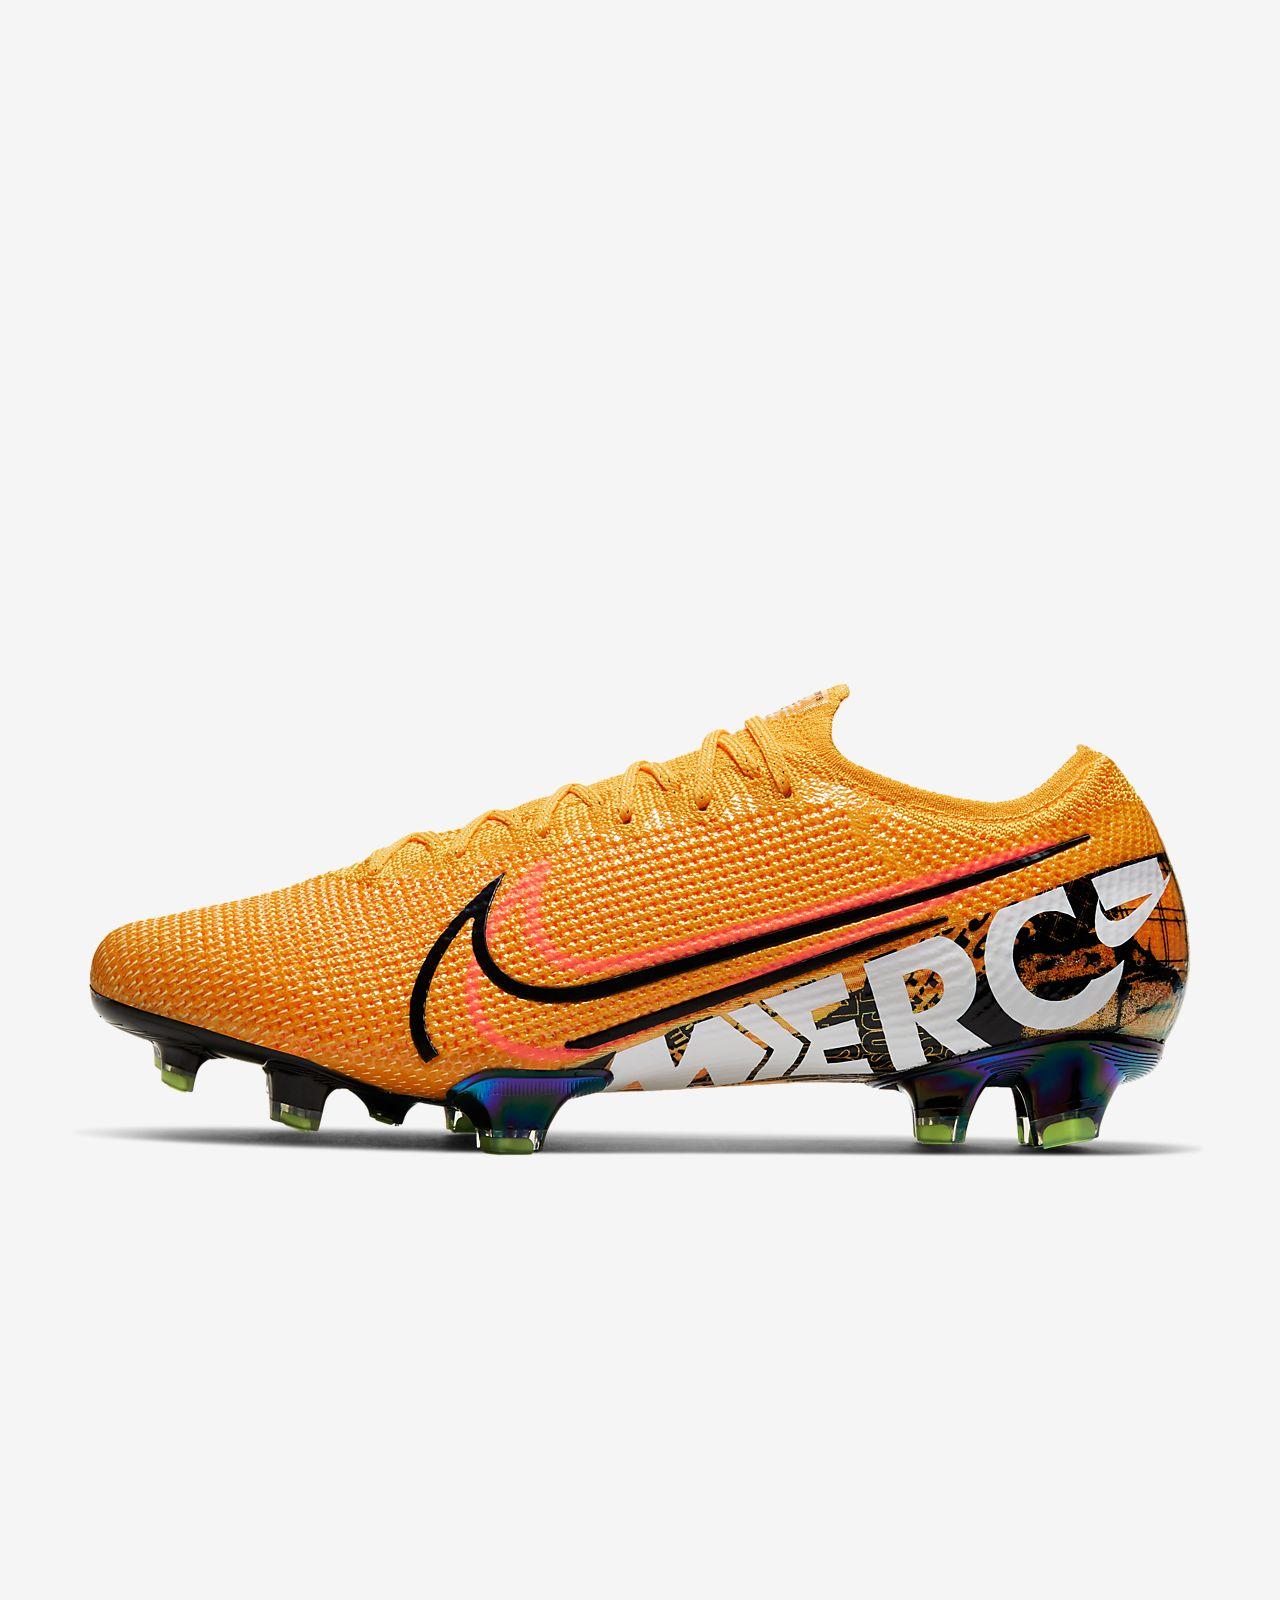 a22c5a0e0e32a Nike Mercurial Vapor 13 Elite SE FG Firm-Ground Football Boot